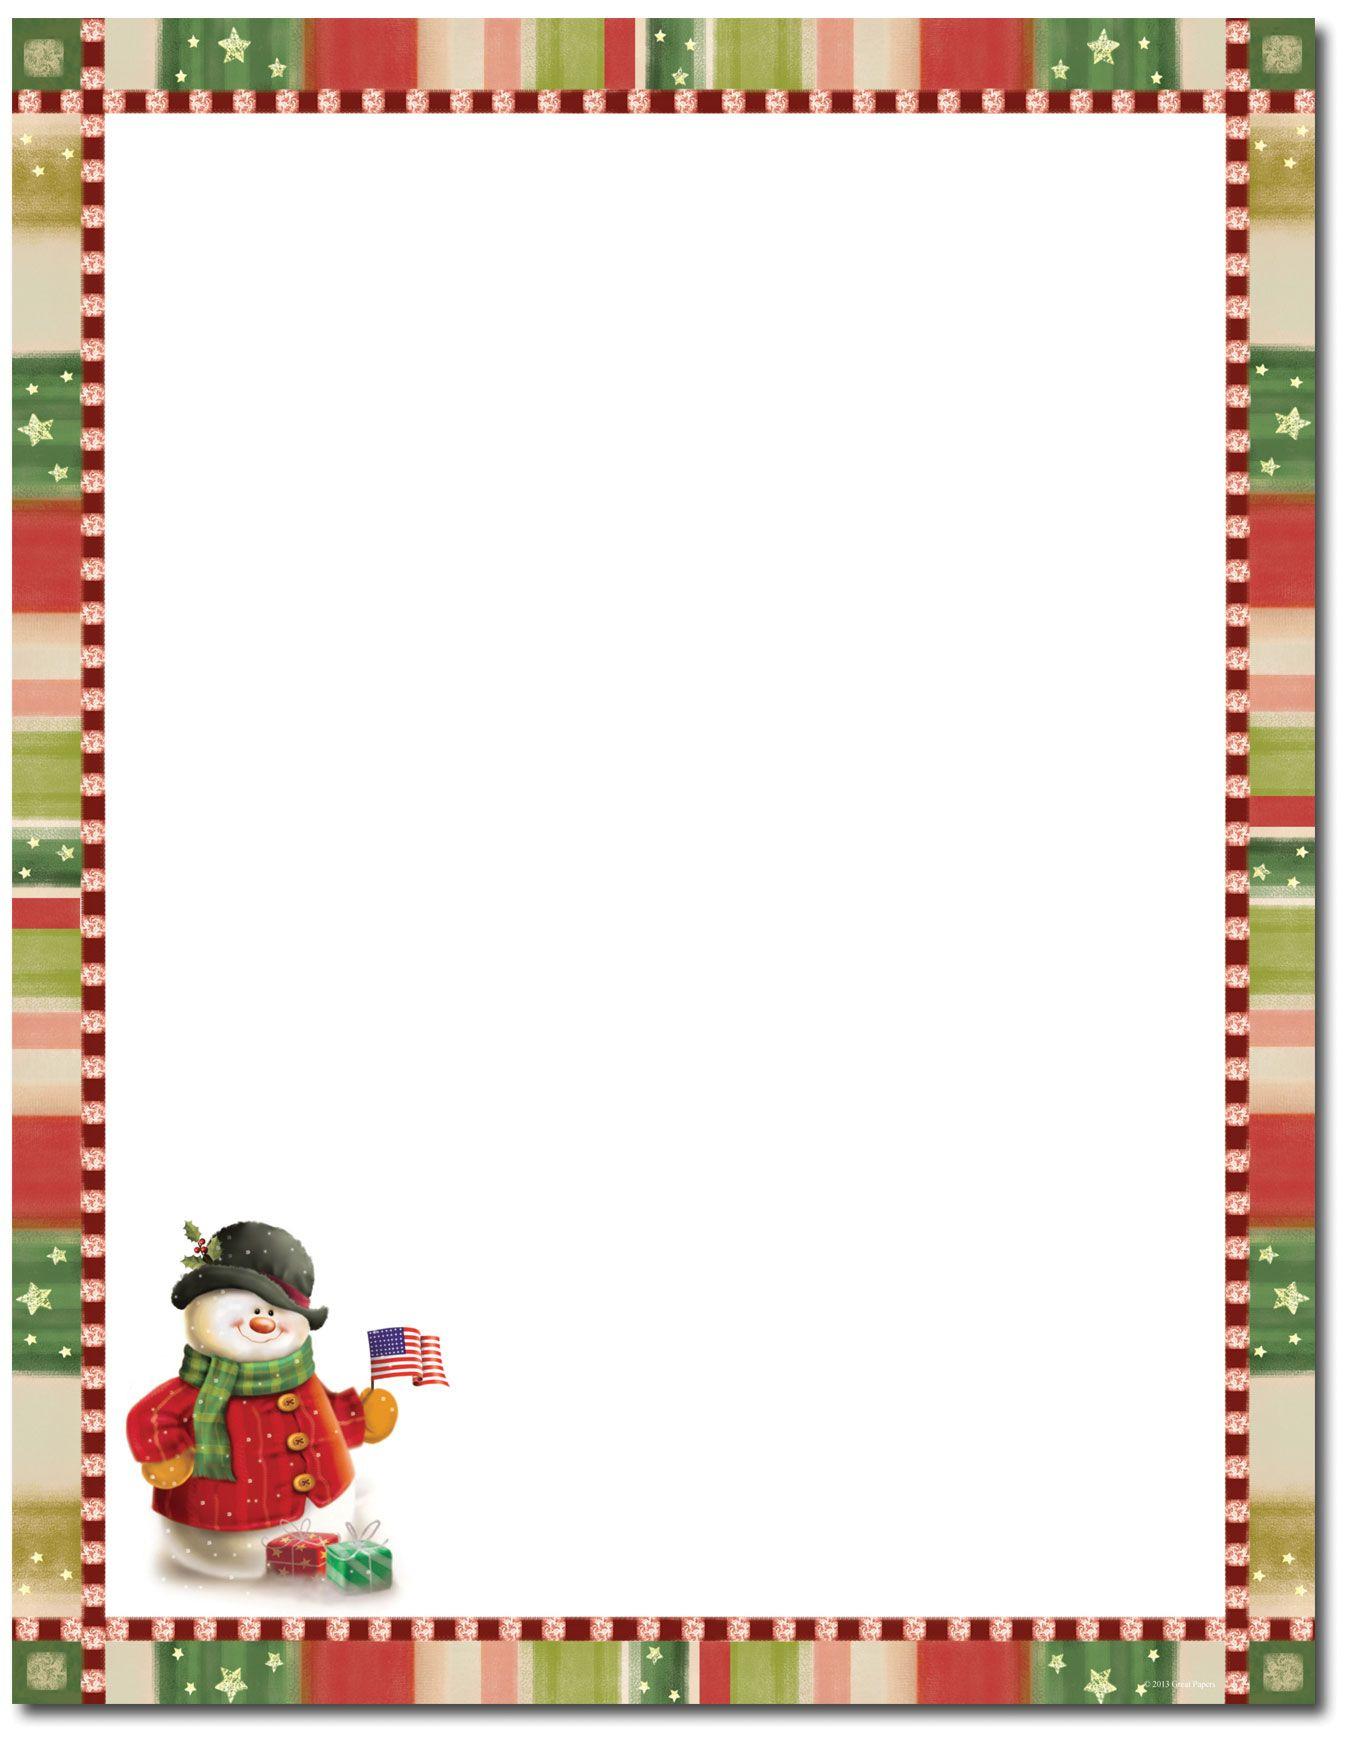 Patriotic Snowman Letterhead | Christmas Stationery | Christmas - Free Printable Christmas Stationery Paper